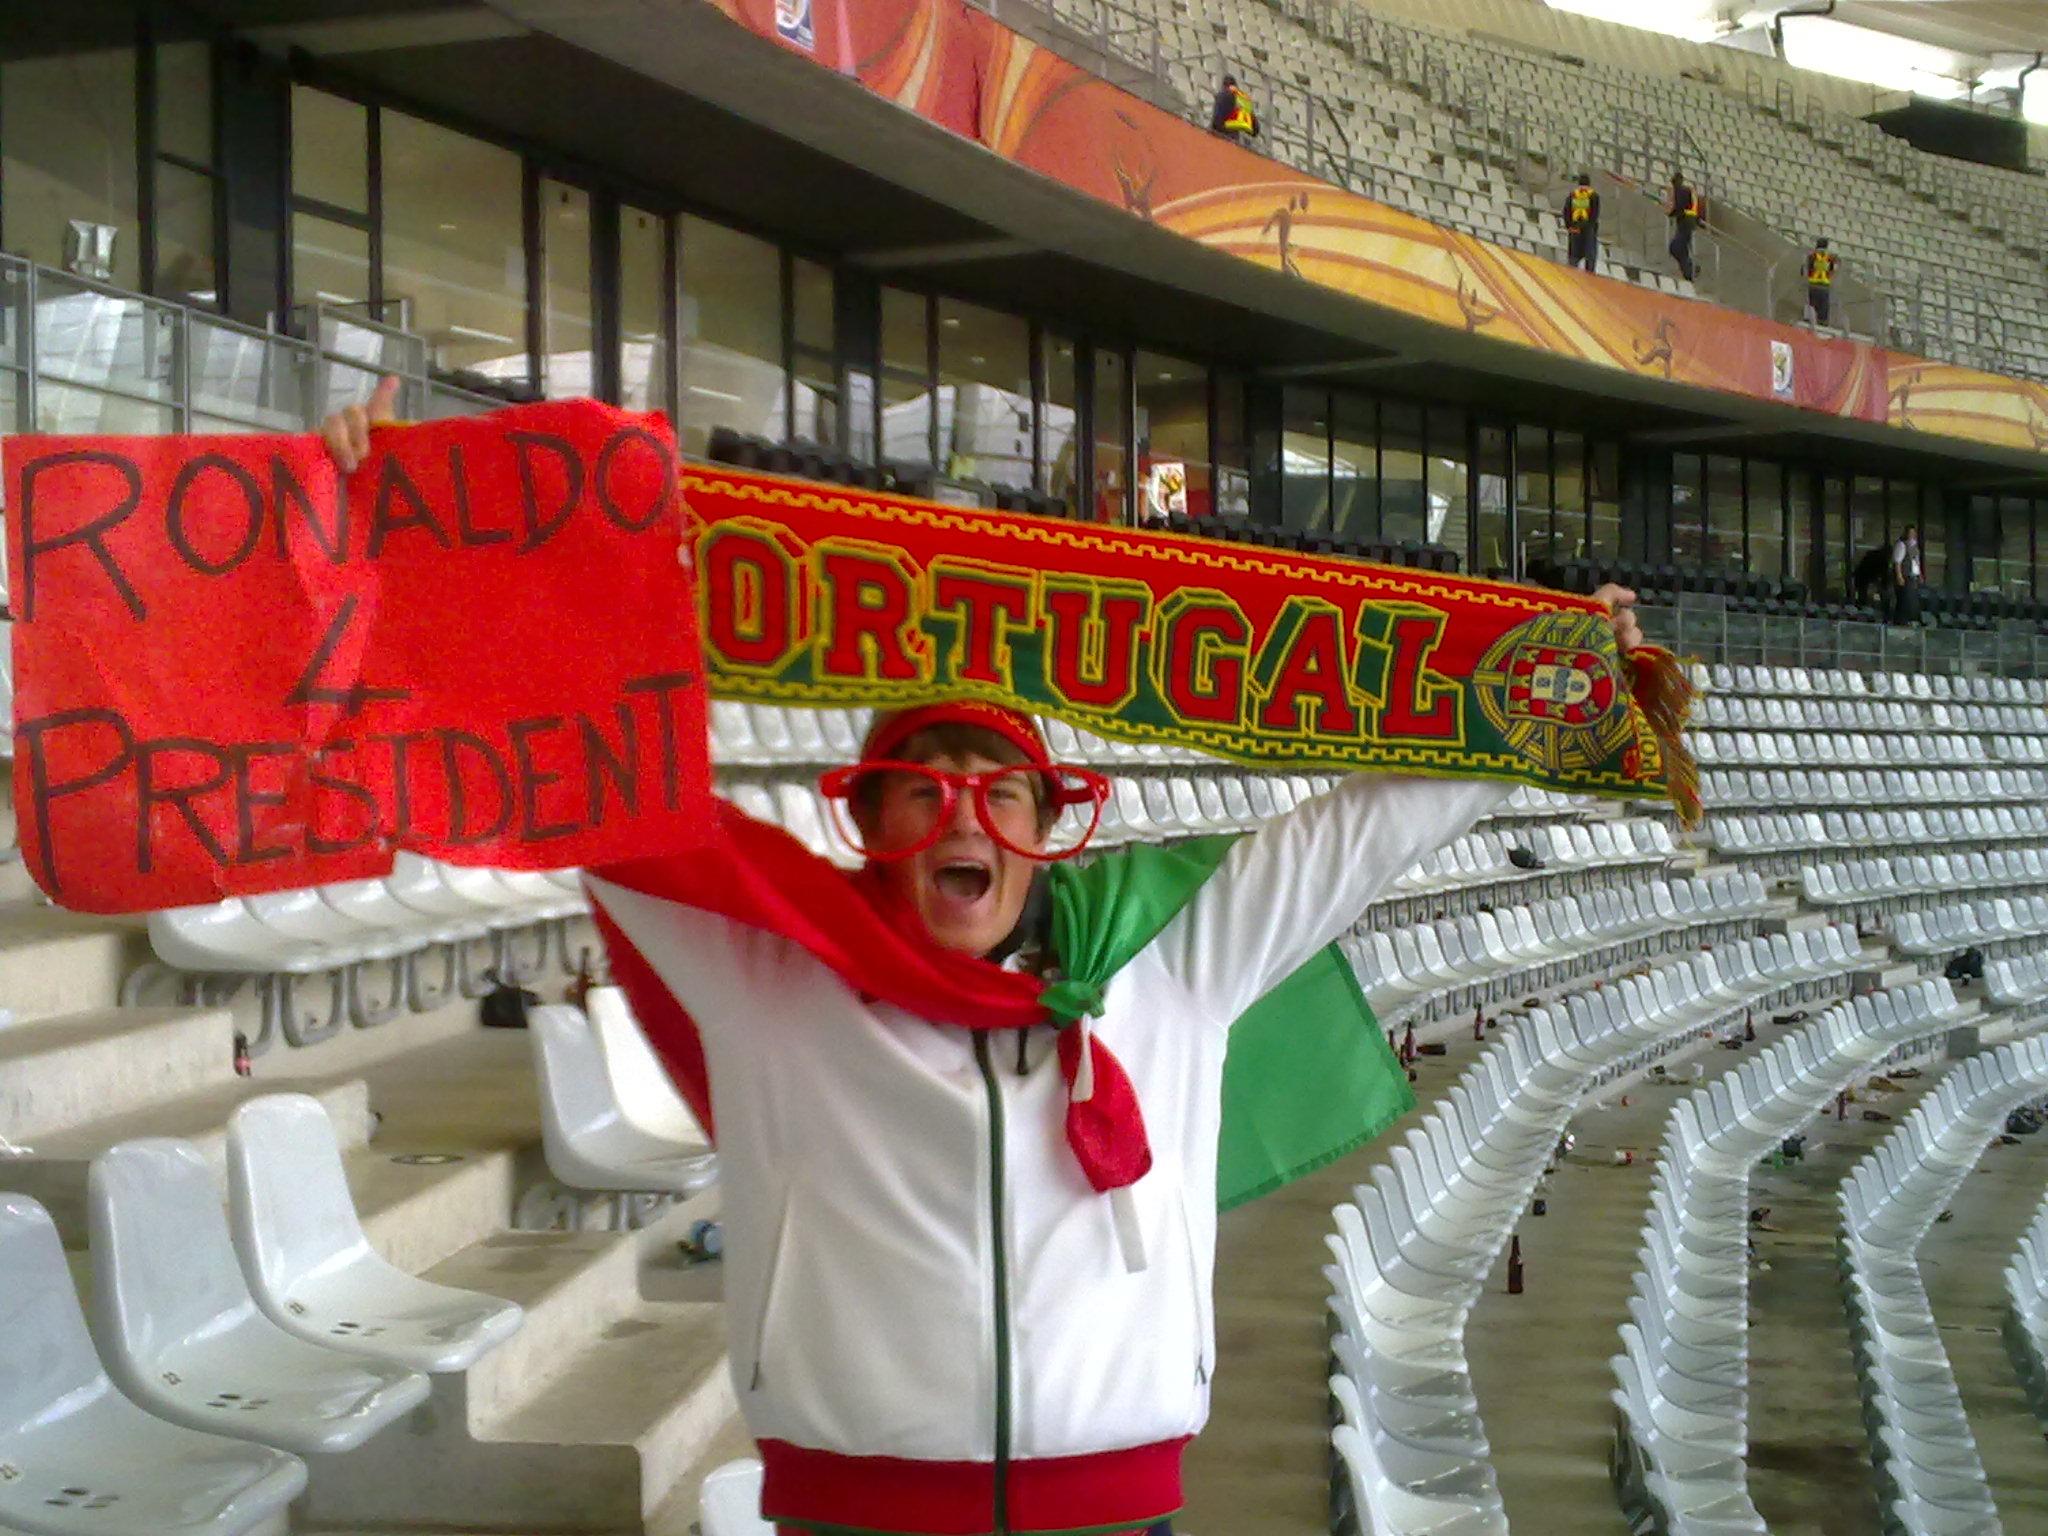 tino getting into portuguese politics